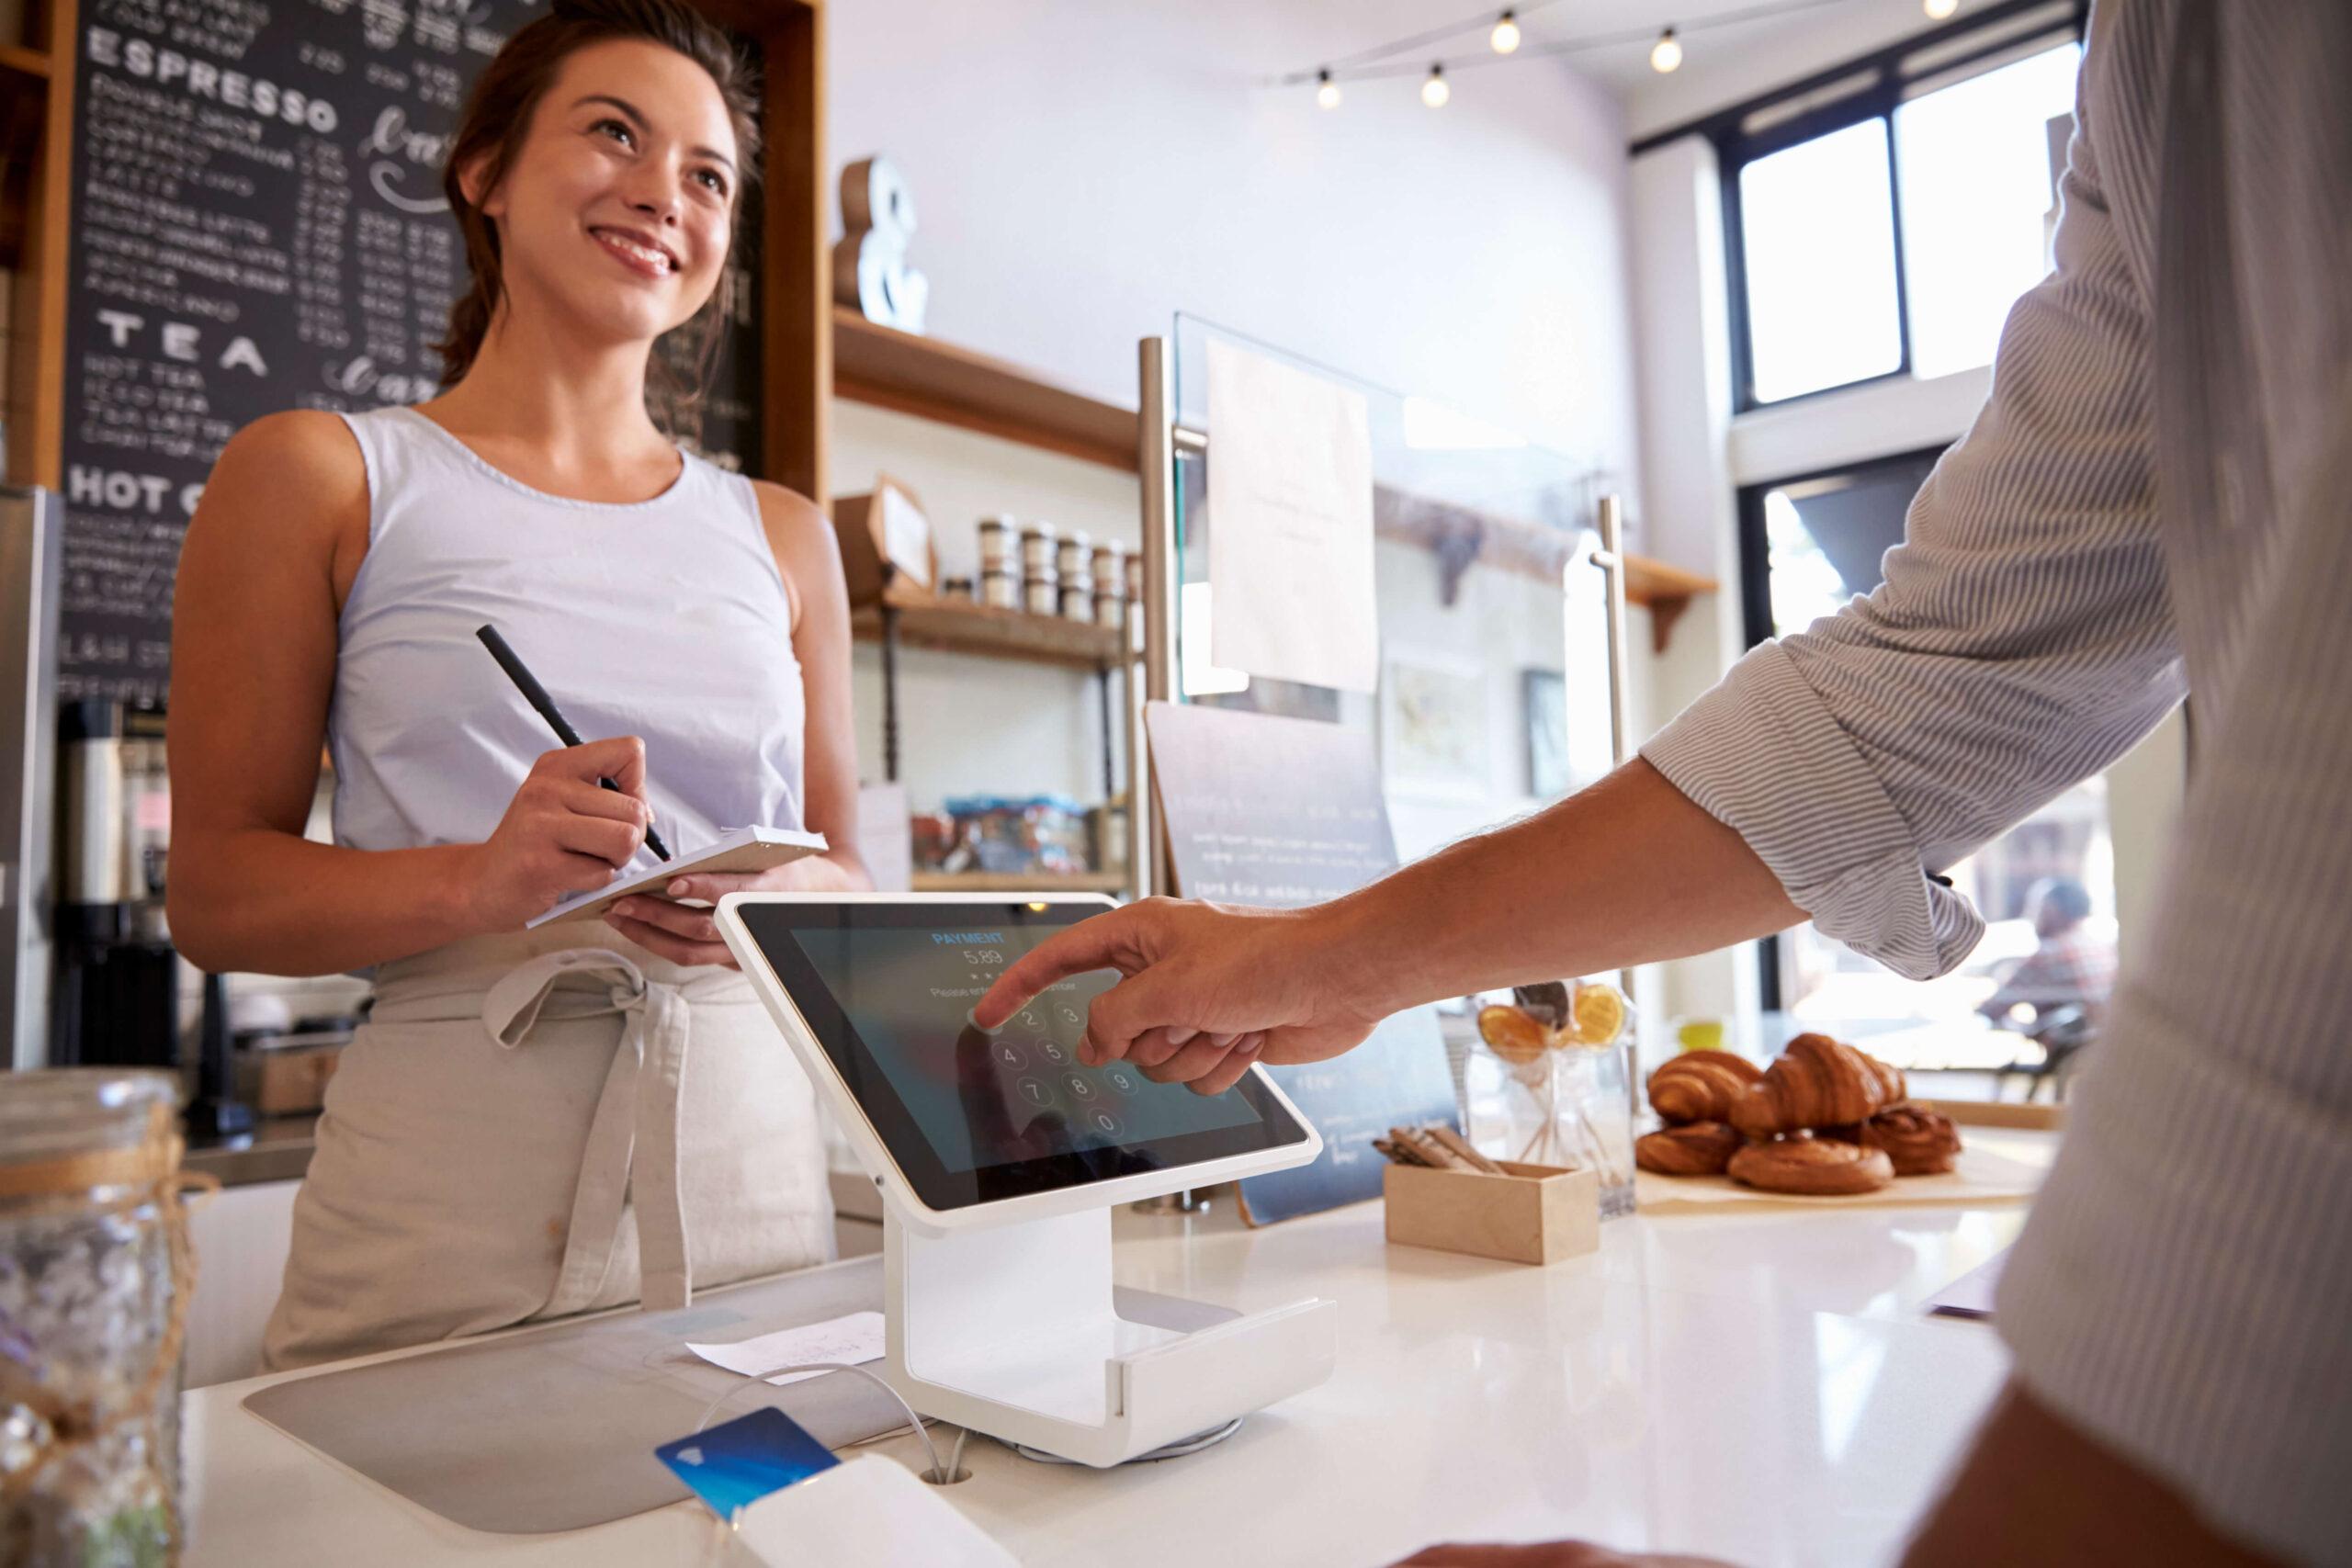 Software per la gestione del punto vendita per automatizzare ogni tipo di attività gestionale e di cassa